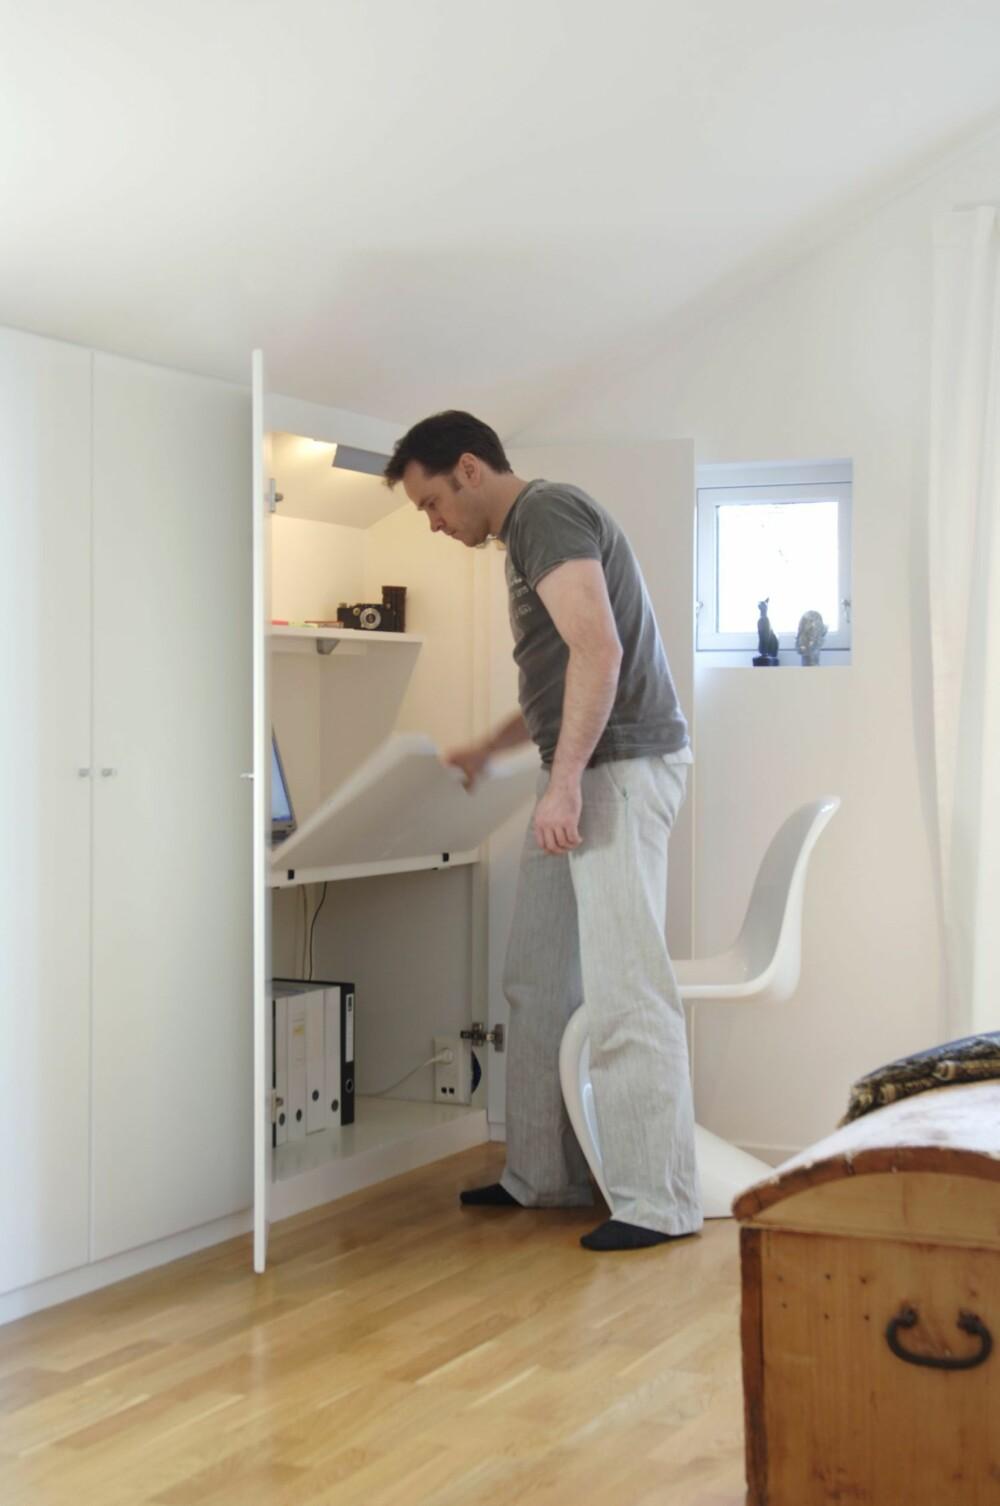 LUKKER SIDEROMMET: Arbeidsplaten er laget slik at den kan slås ned når skapdørene skal lukkes.